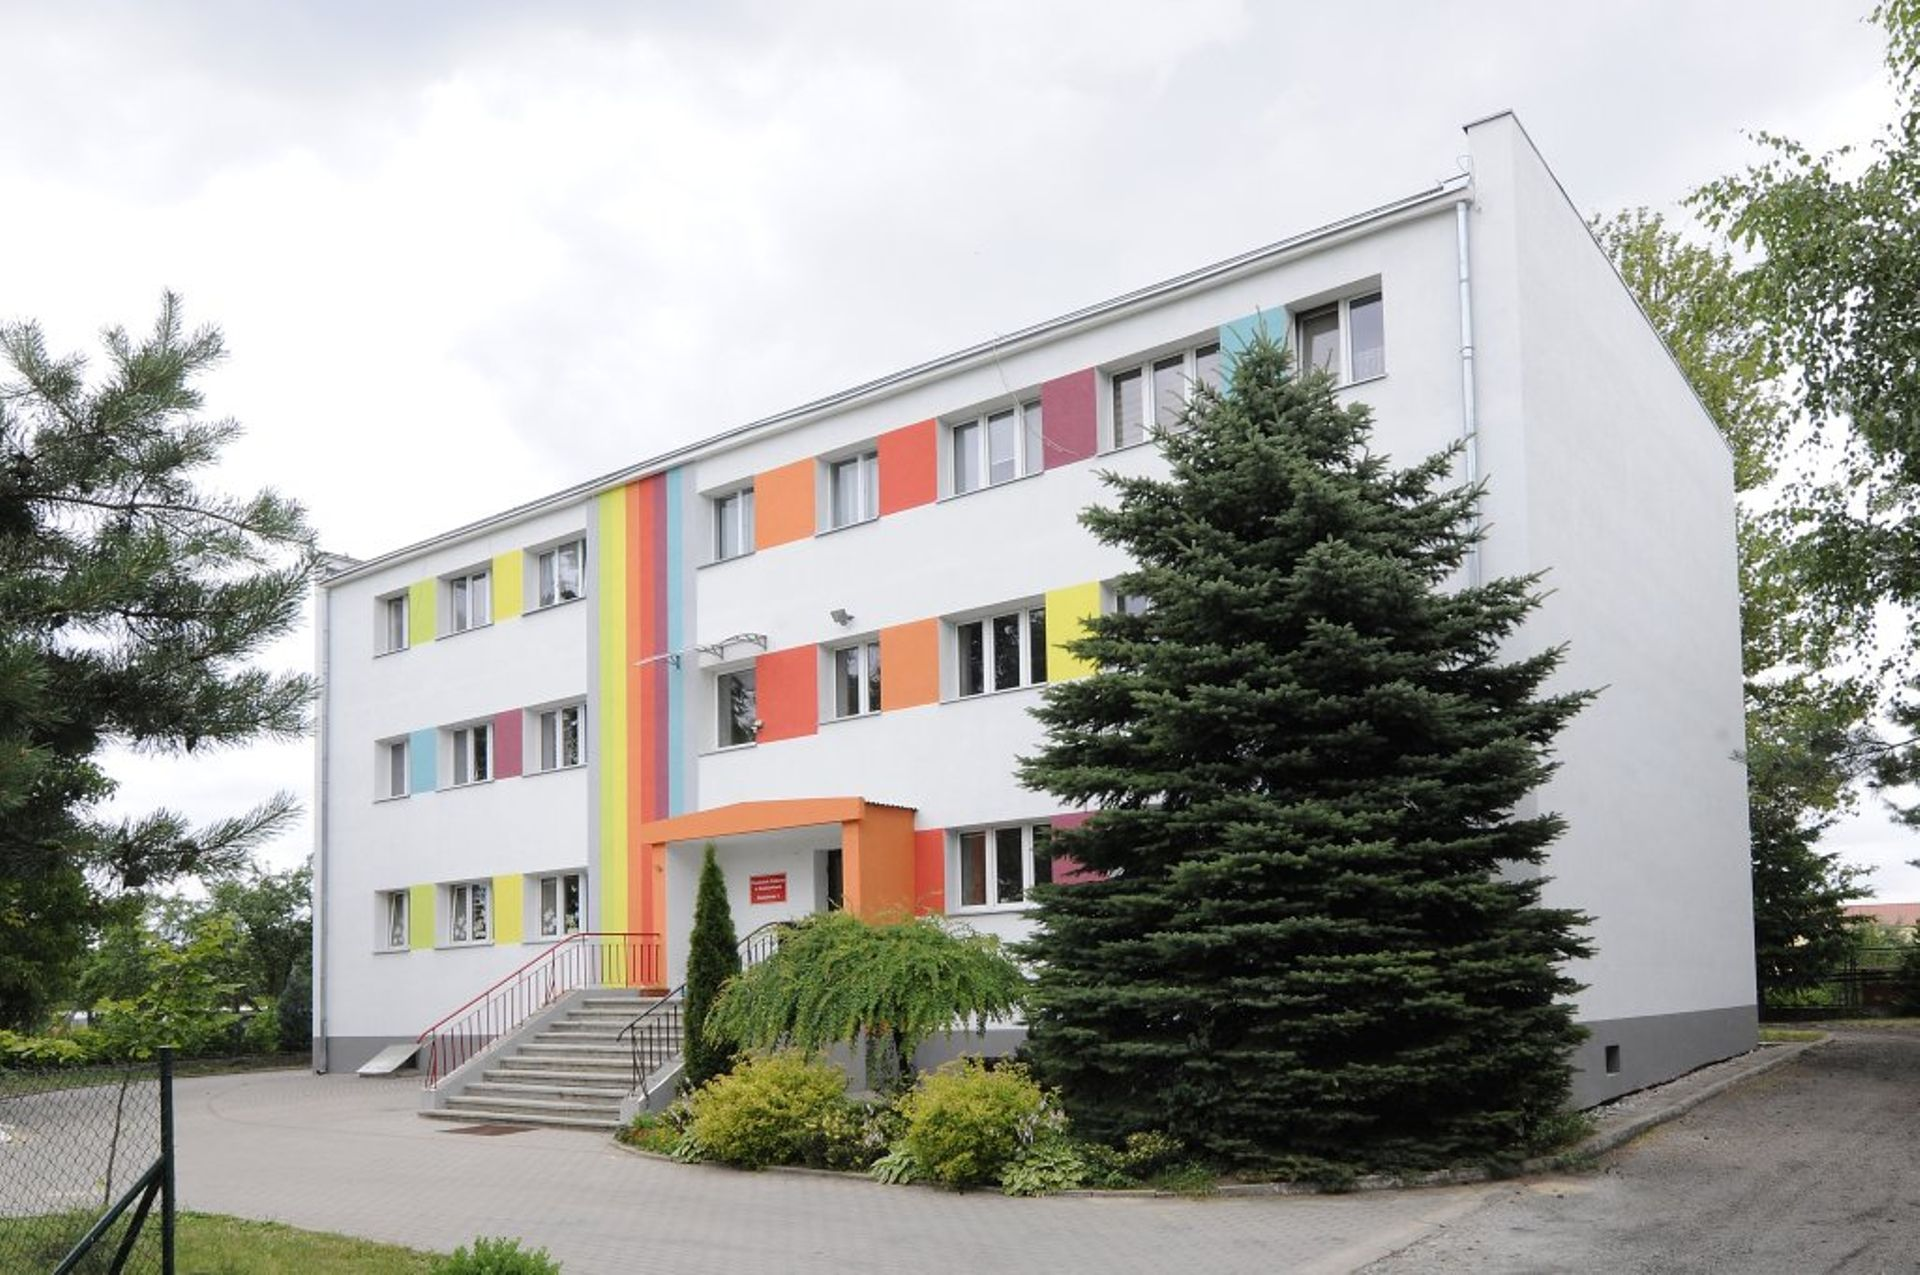 [dolnośląskie] Przedszkole w Danielowicach już colorlove